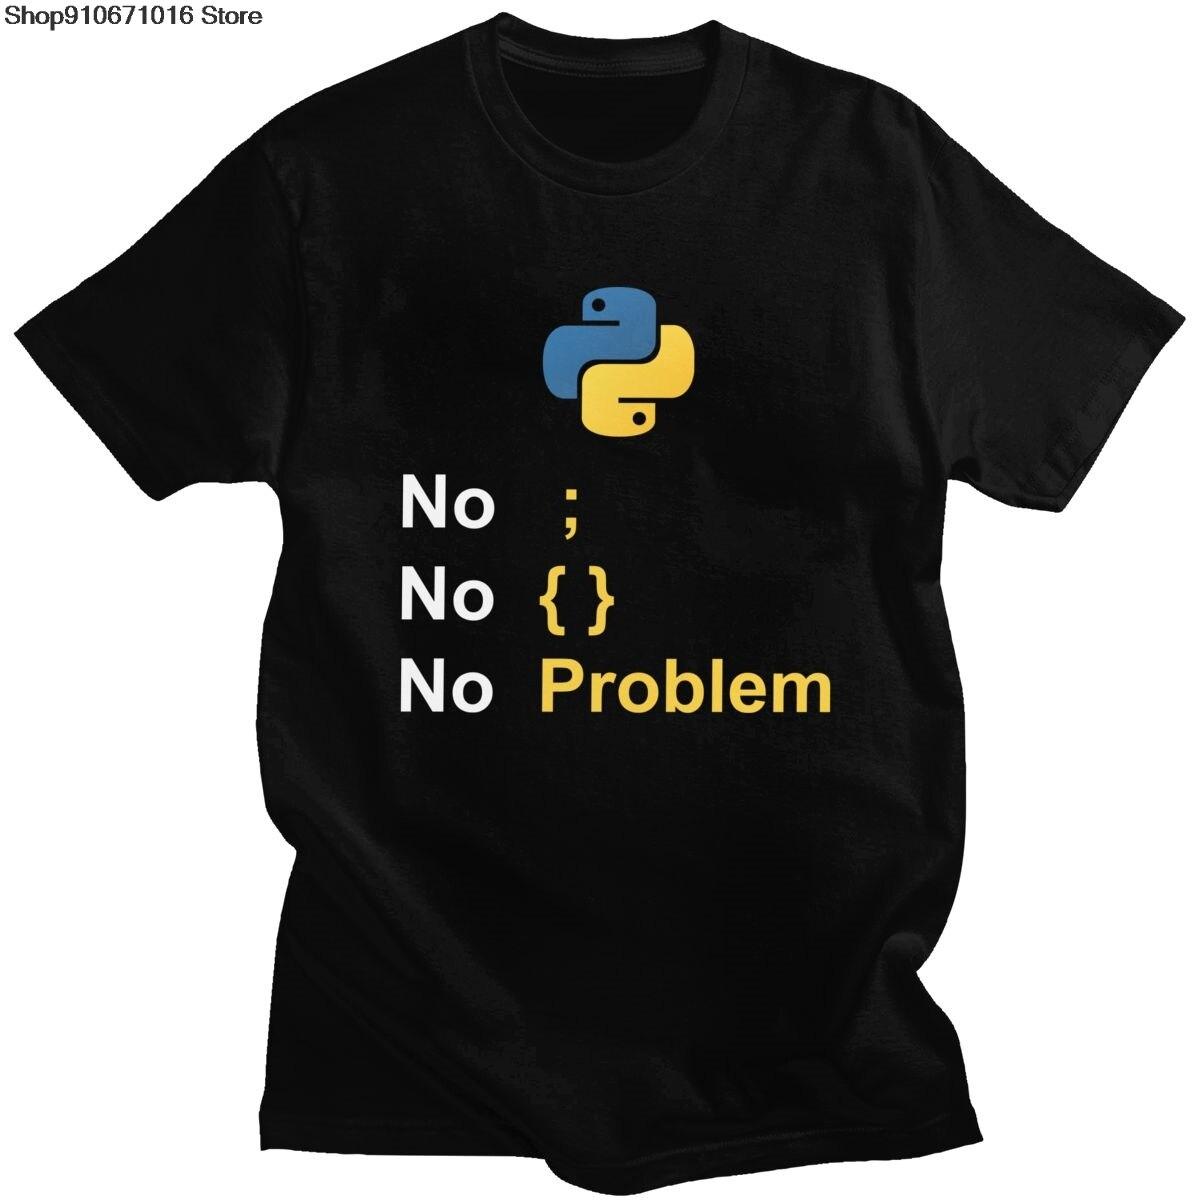 Trend Computer Programmeertaal Python T-shirt Ontwerp Voor Code Tshirt Programmeur Homme Tee Coder T-shirt Camiseta Gift Merch